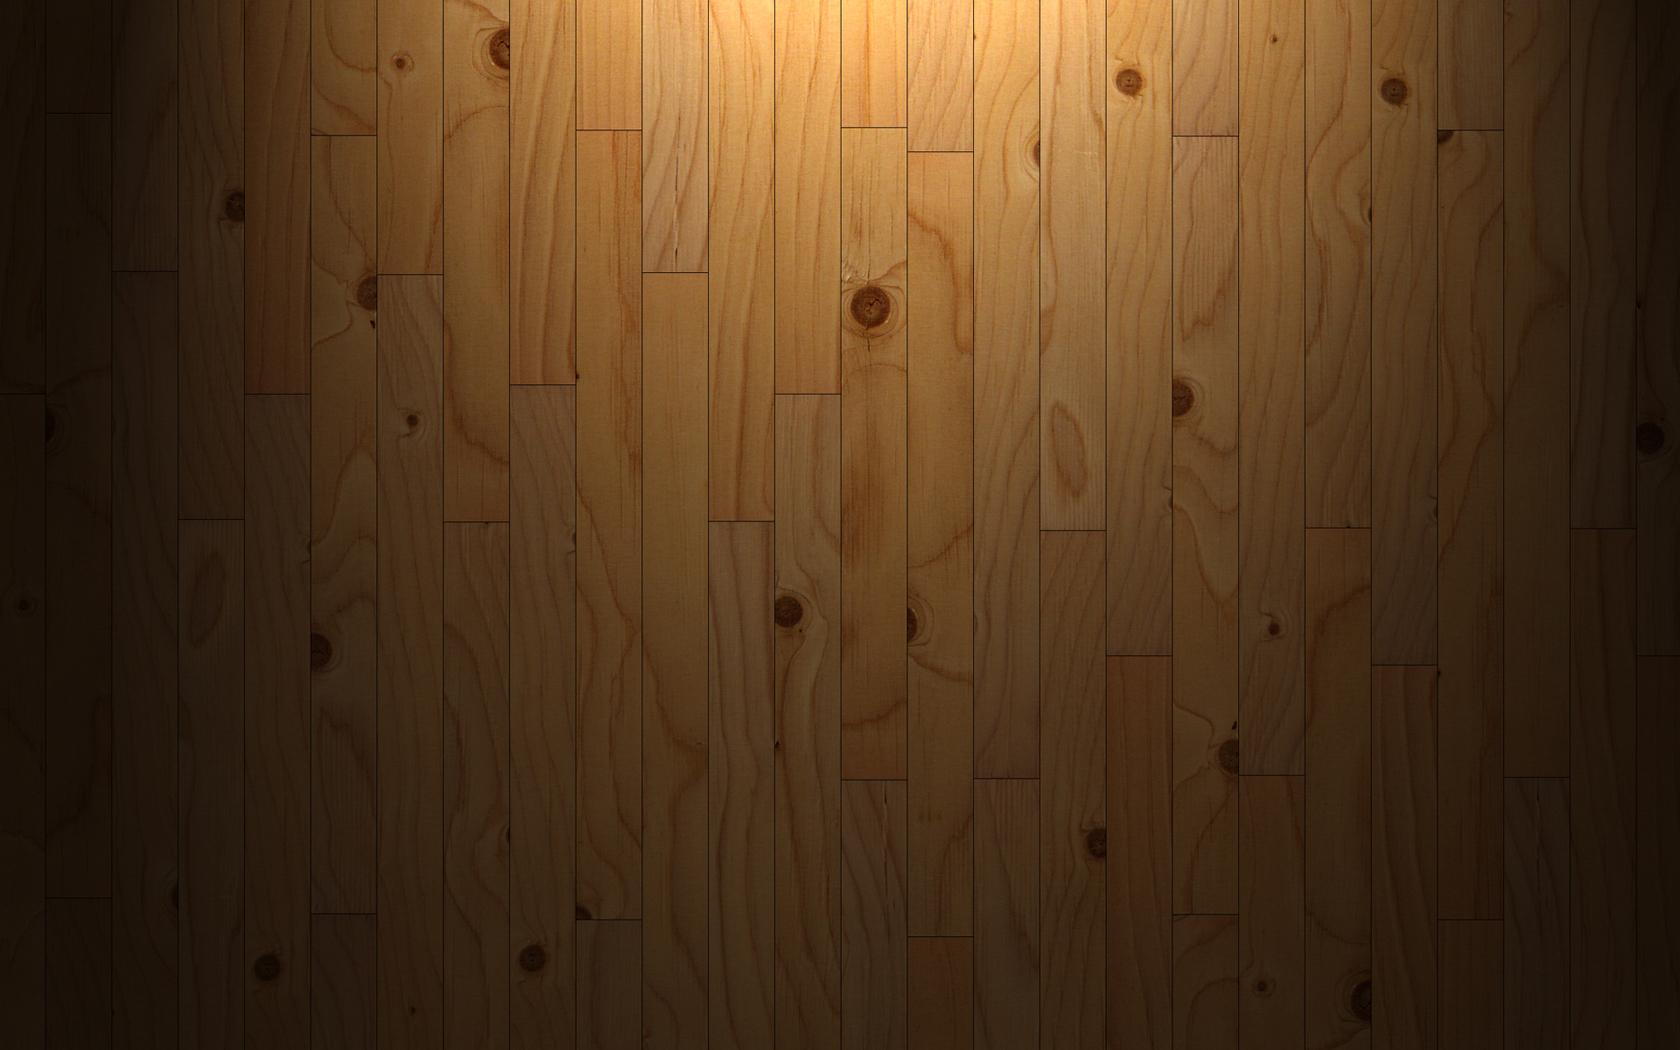 Free Hardwood Floor Wallpapers